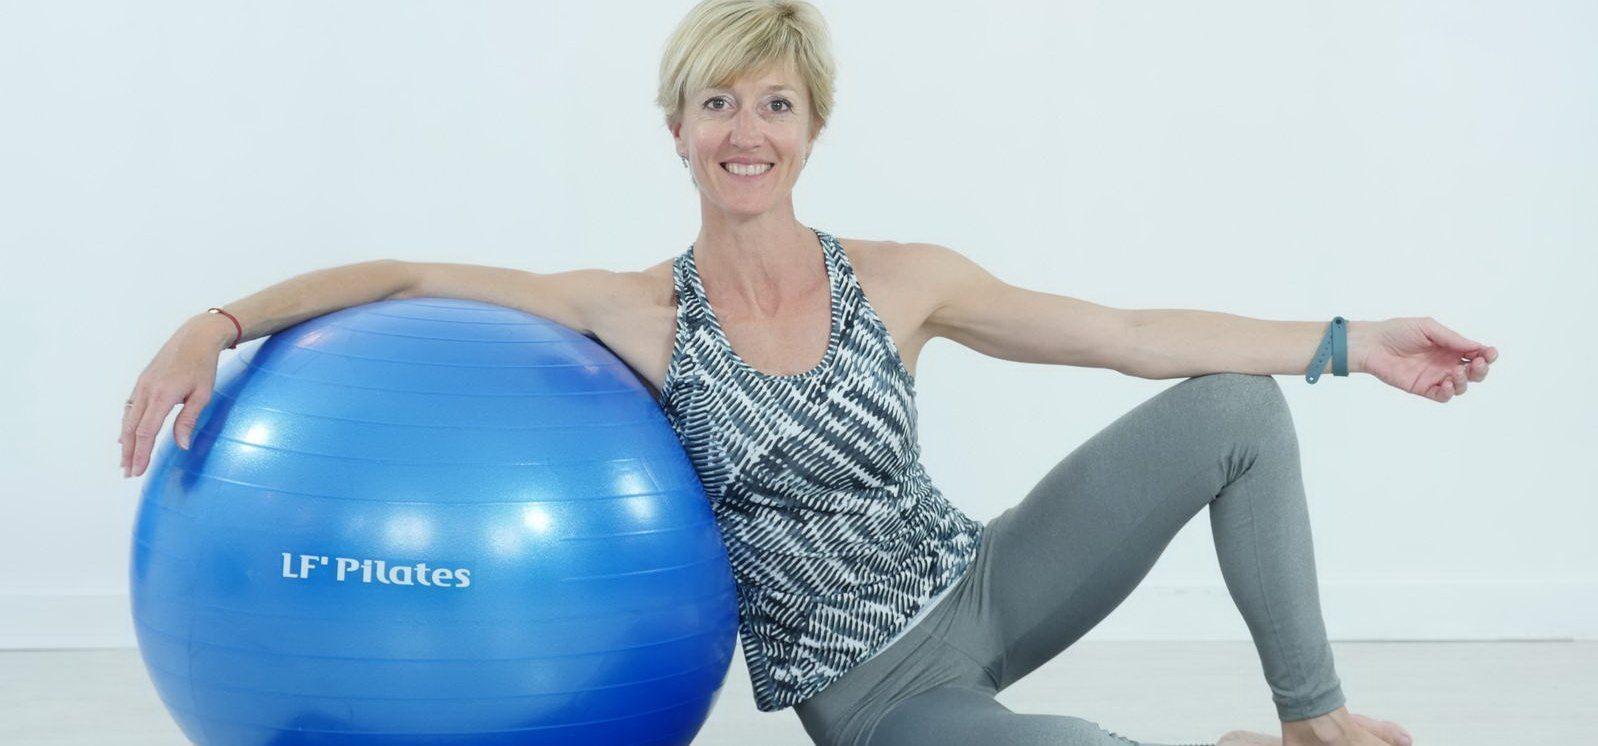 leaderfit-cours-pilates-yoga-bien-etre-corporel-north-miami-s-05